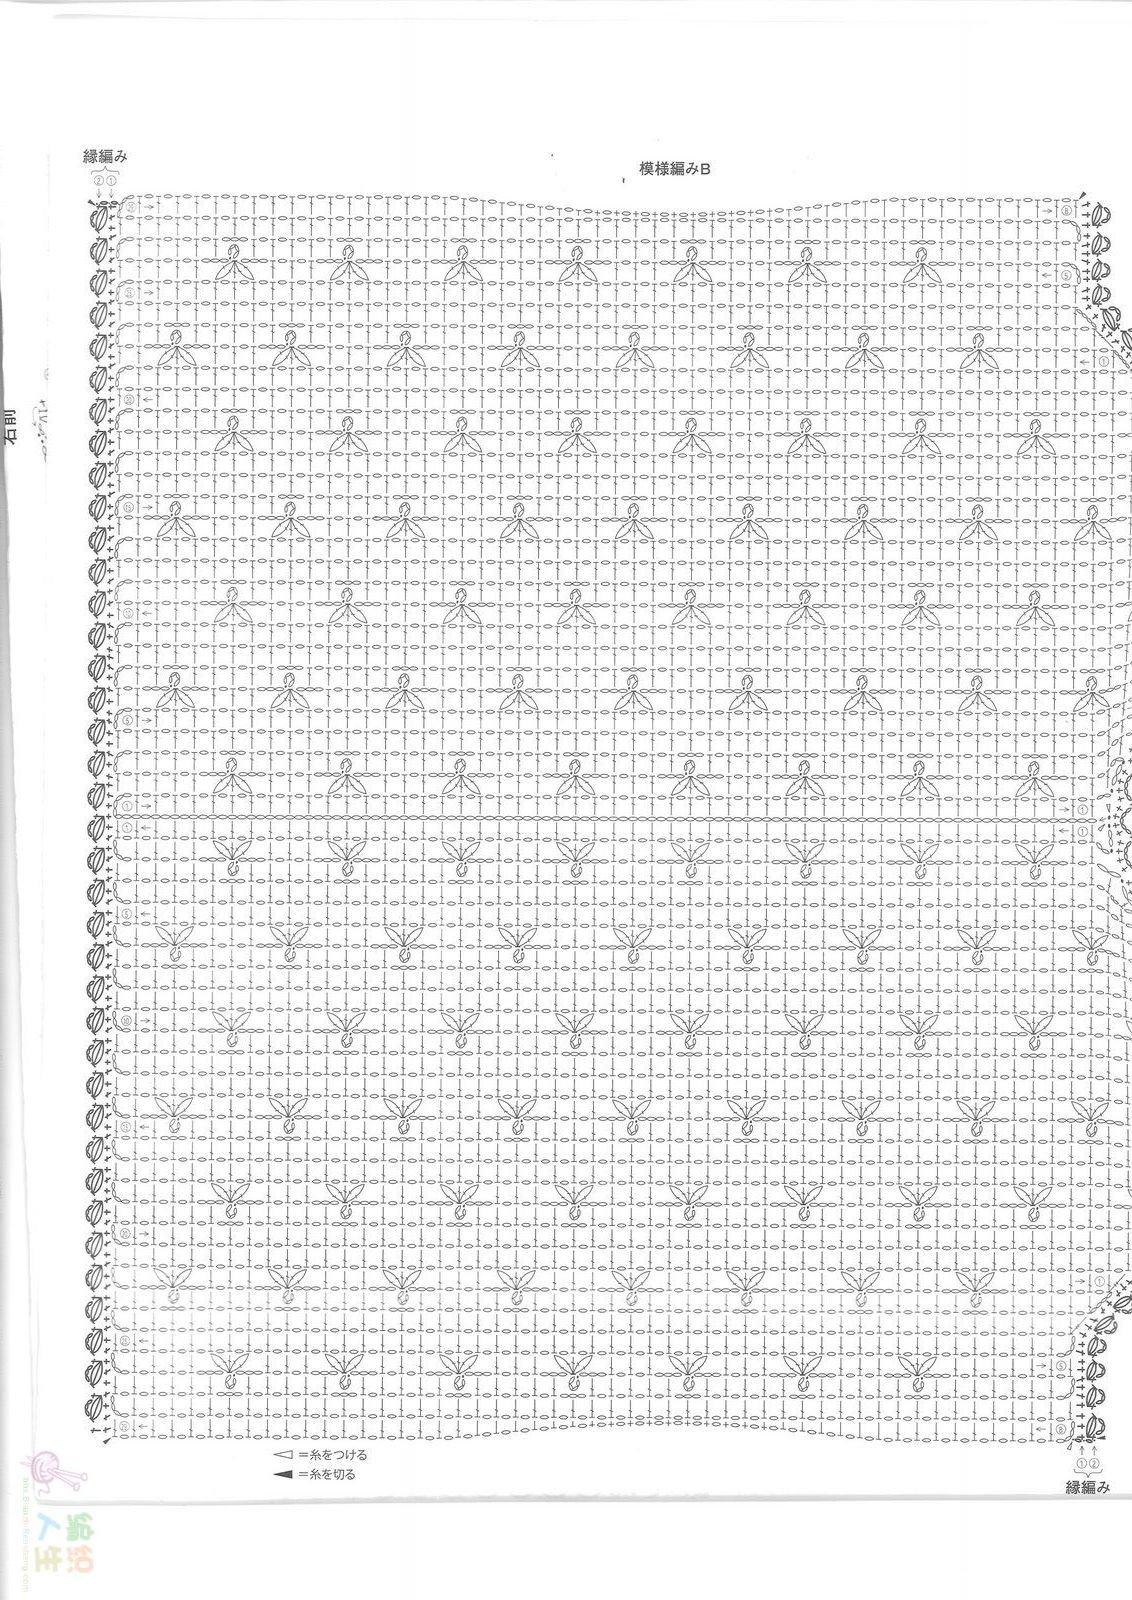 20090803_4c4e6442deaca9730cf8VyljSSW136aA[1].jpg